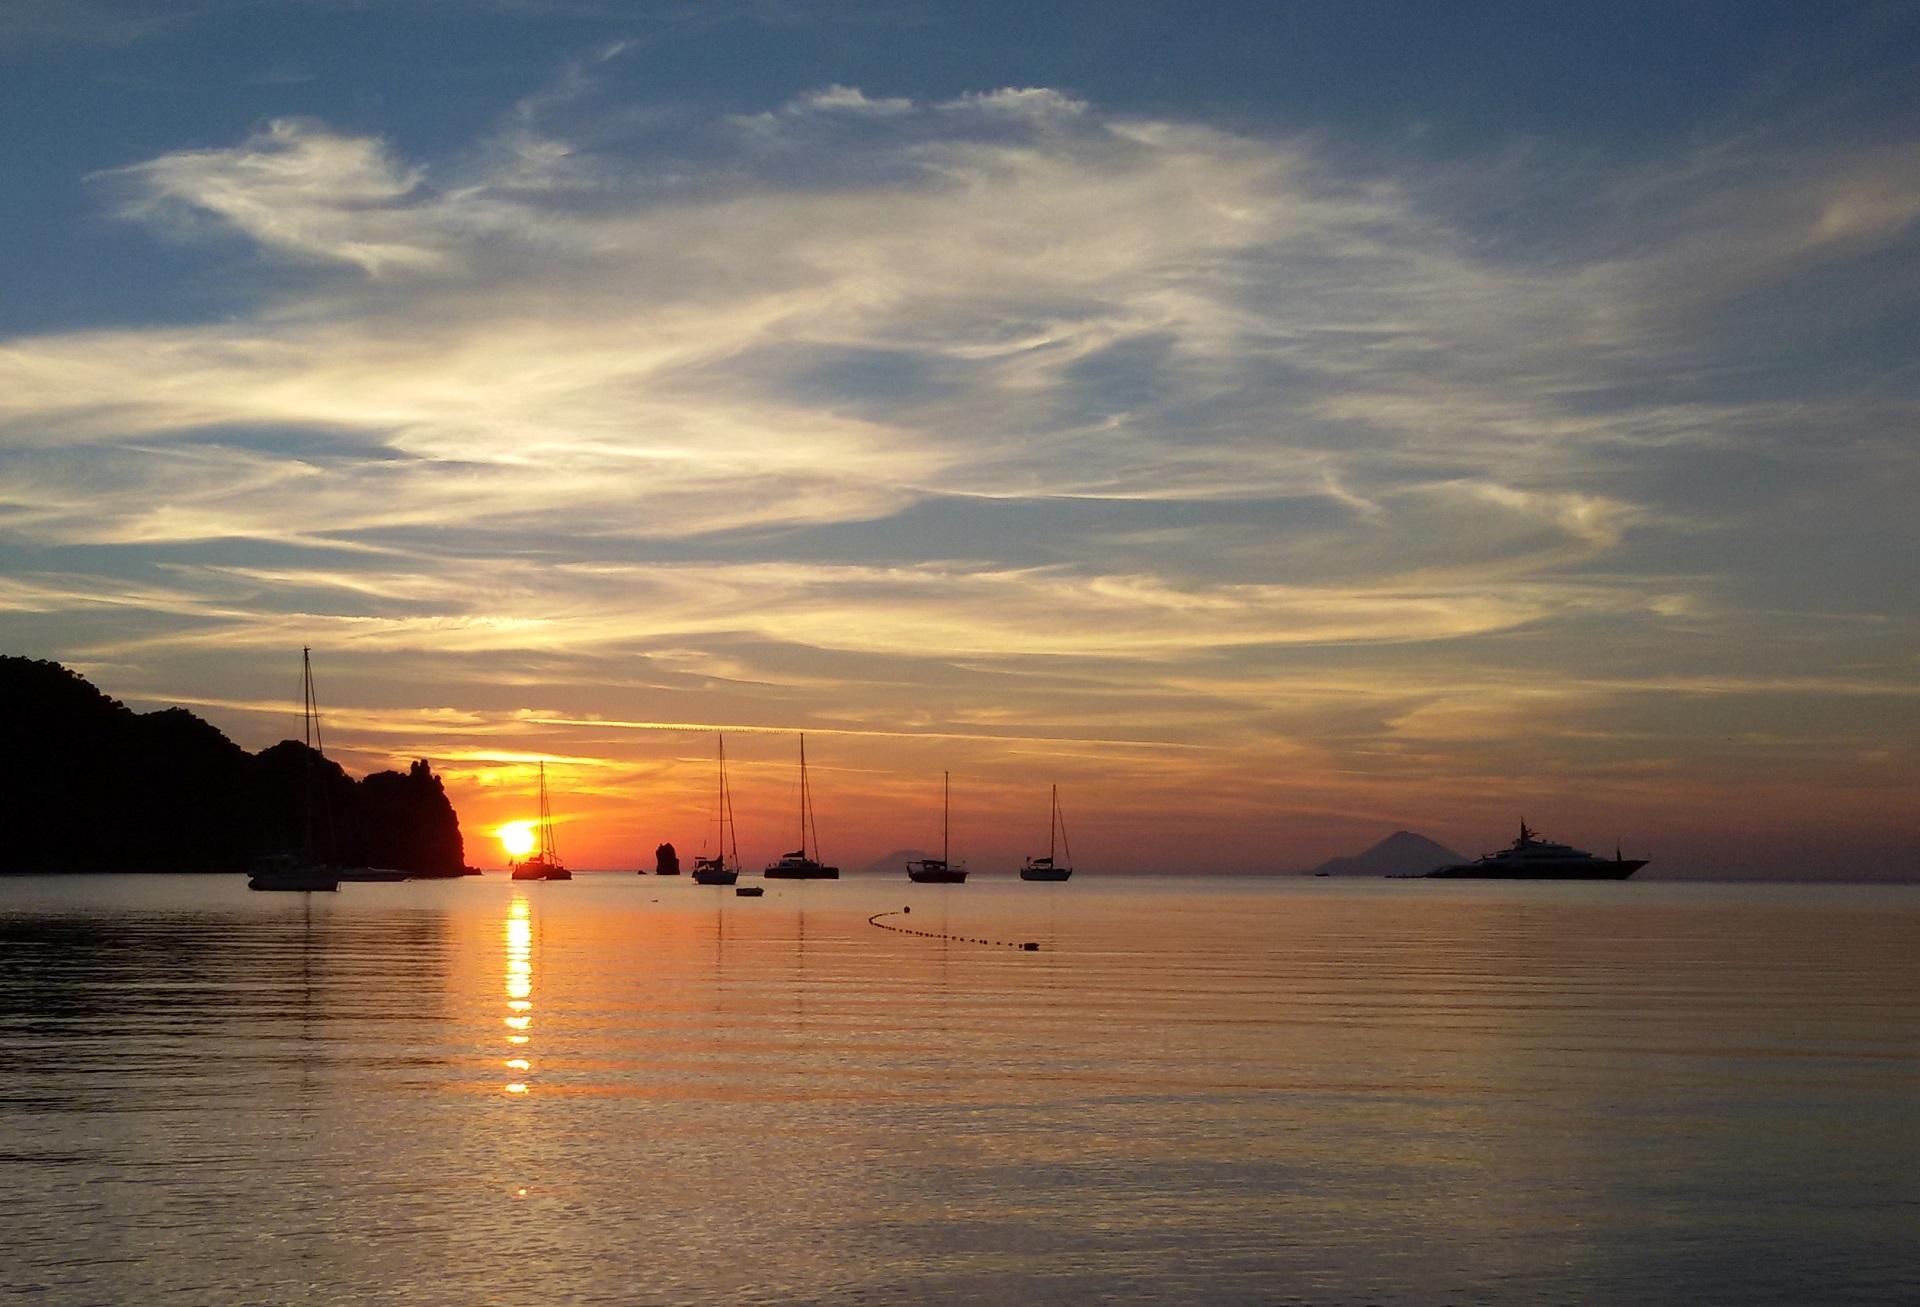 Zu sehen ist der tiefrote Sonnenuntergang über den Liparischen Inseln am Horizont und den Booten, die auf dem ruhigen Meer ankern.